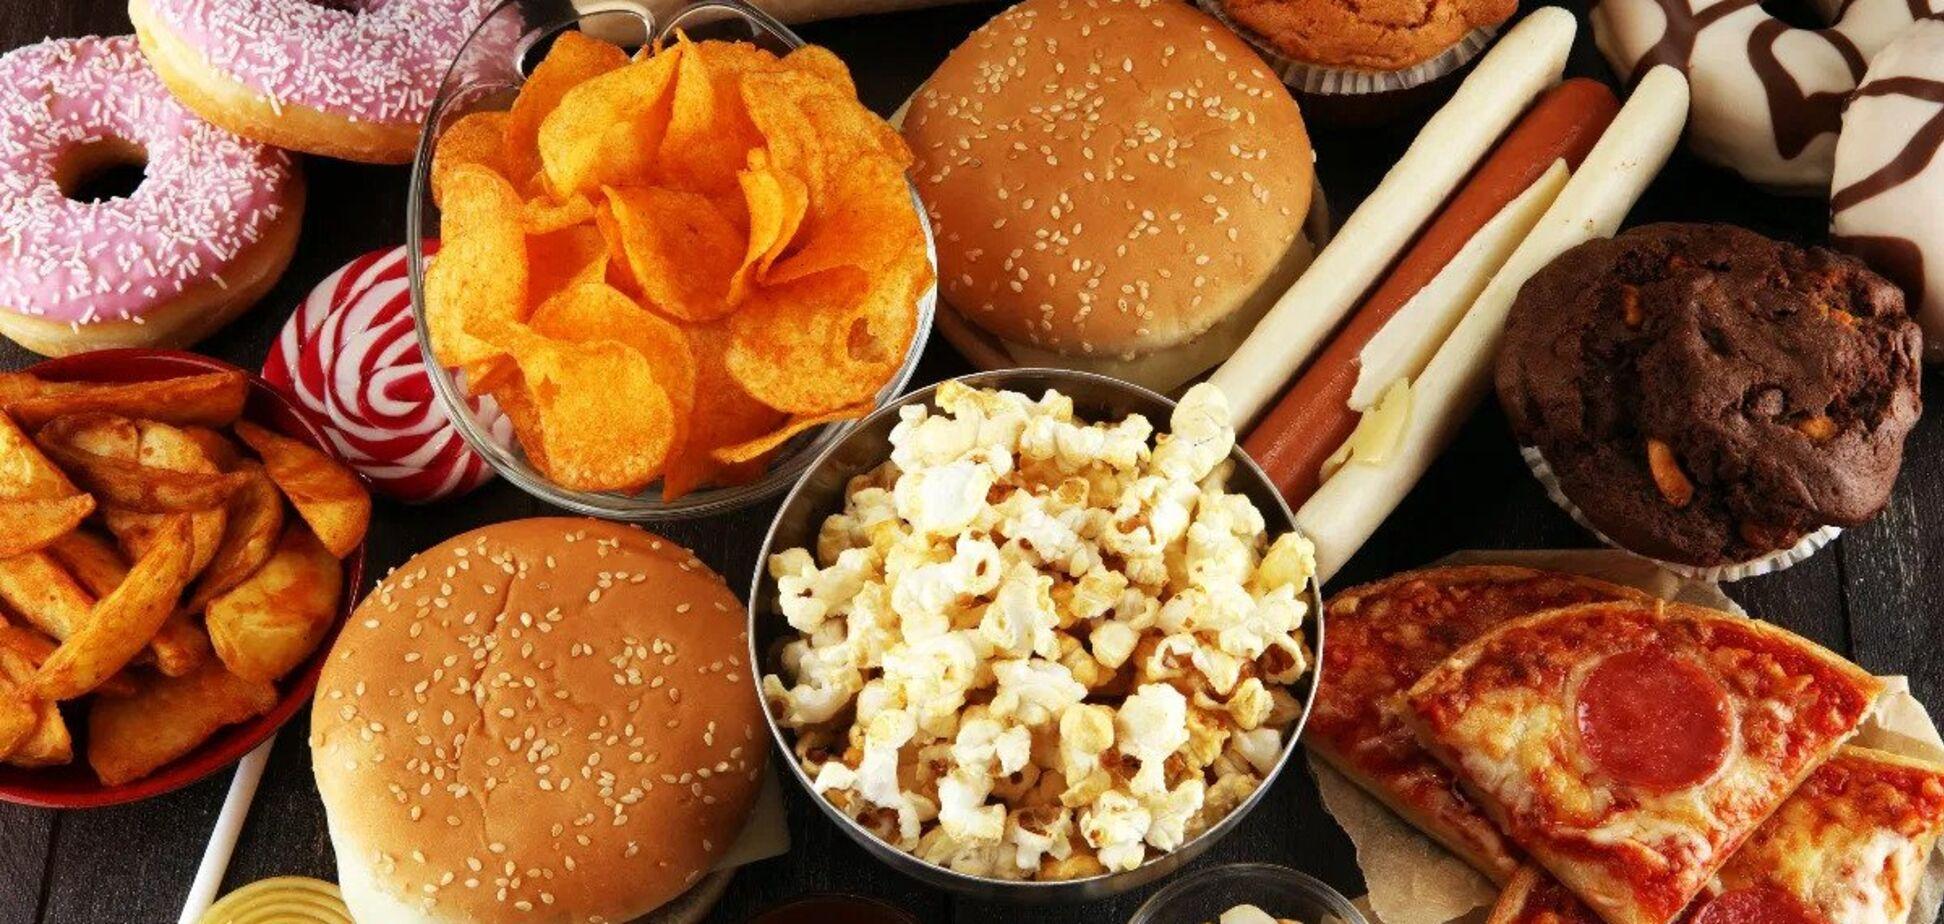 9 найшкідливіших продуктів за версією вчених